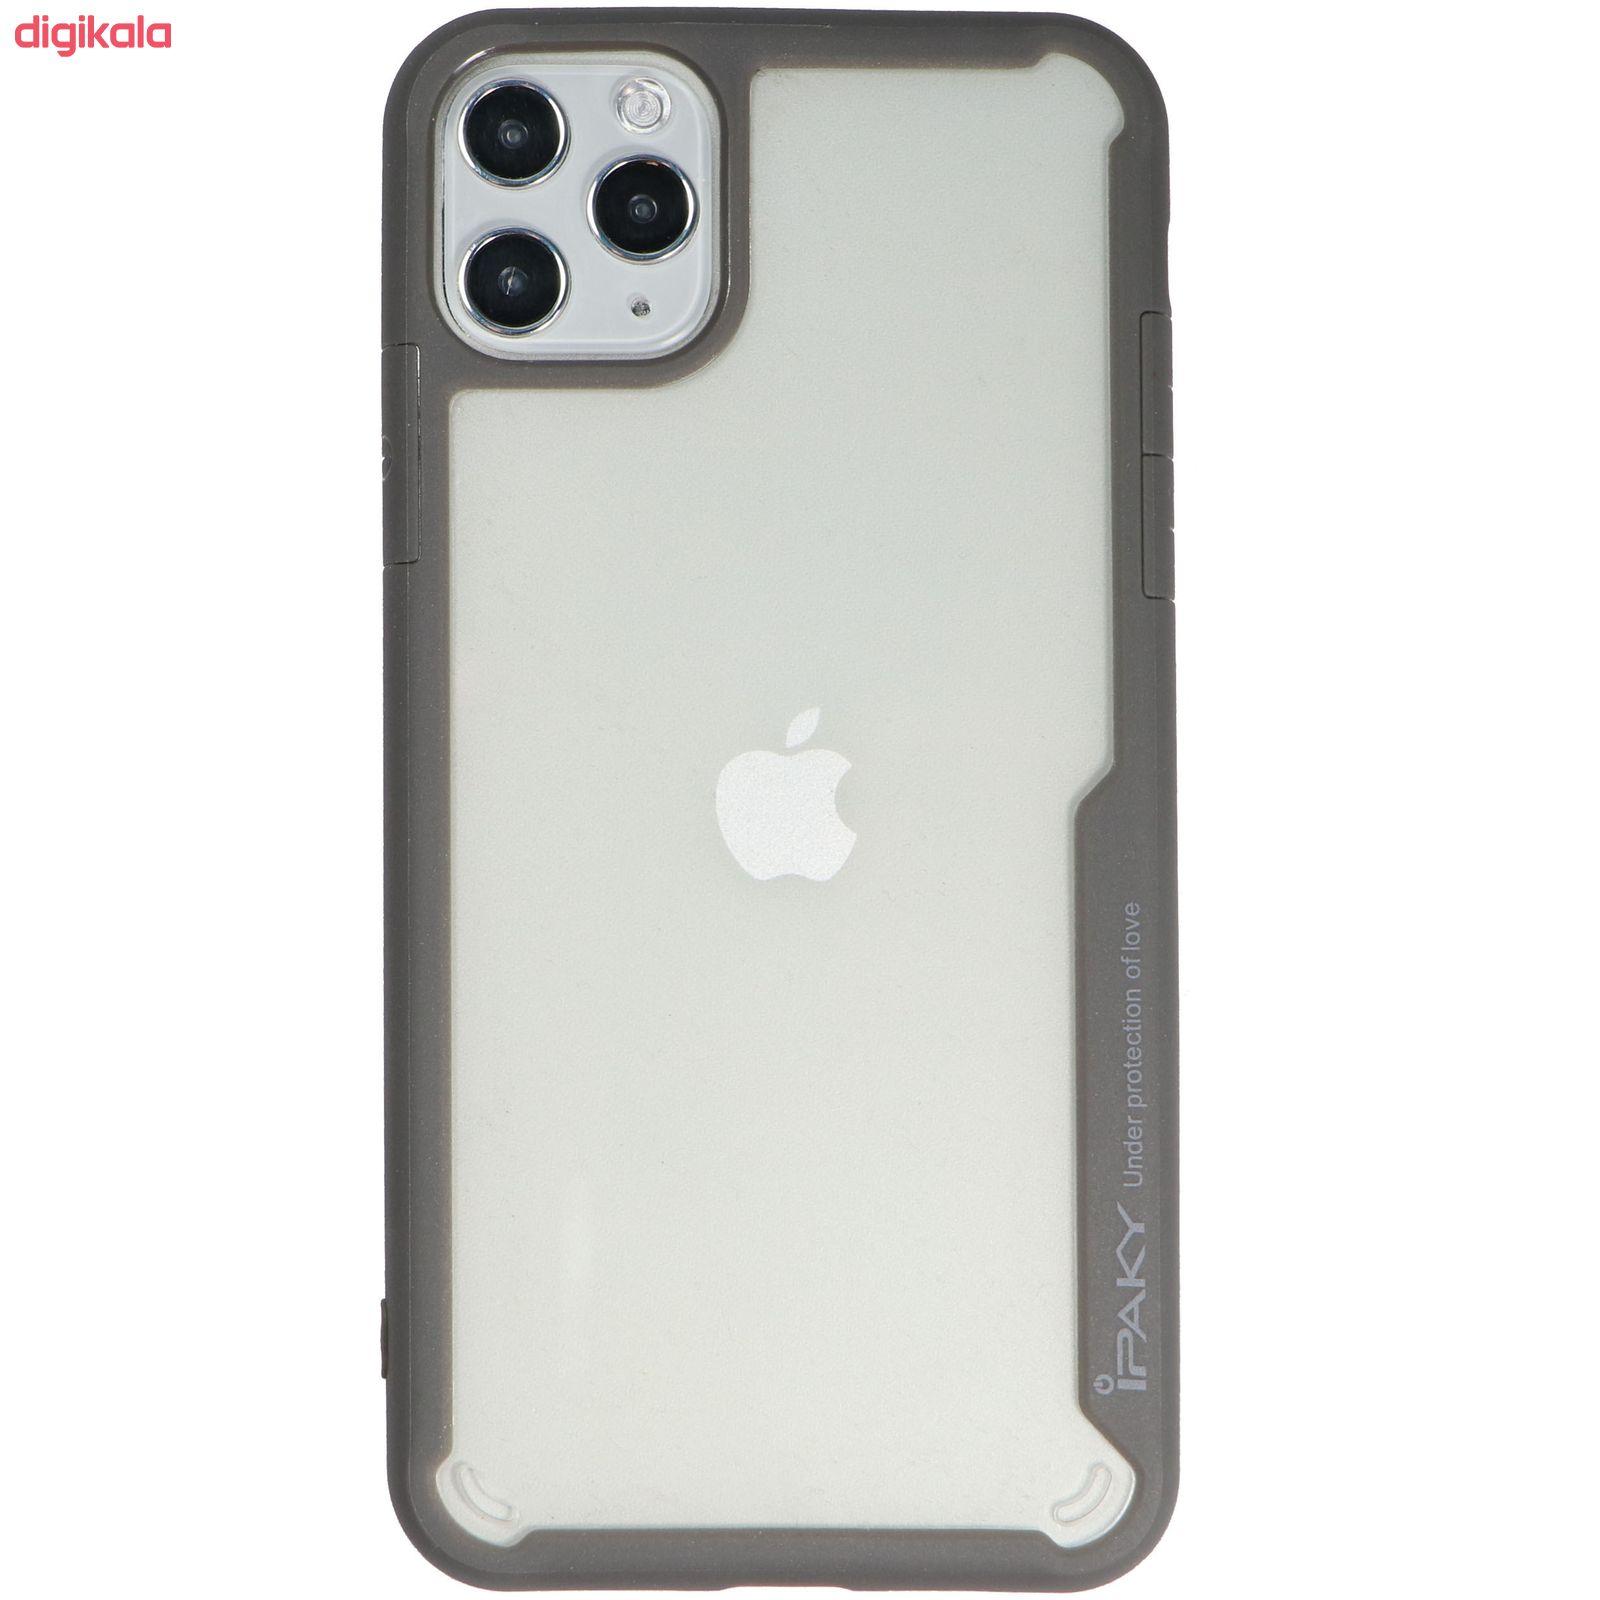 کاور مدل S18 مناسب برای گوشی موبایل اپل iphone 11 pro max main 1 3